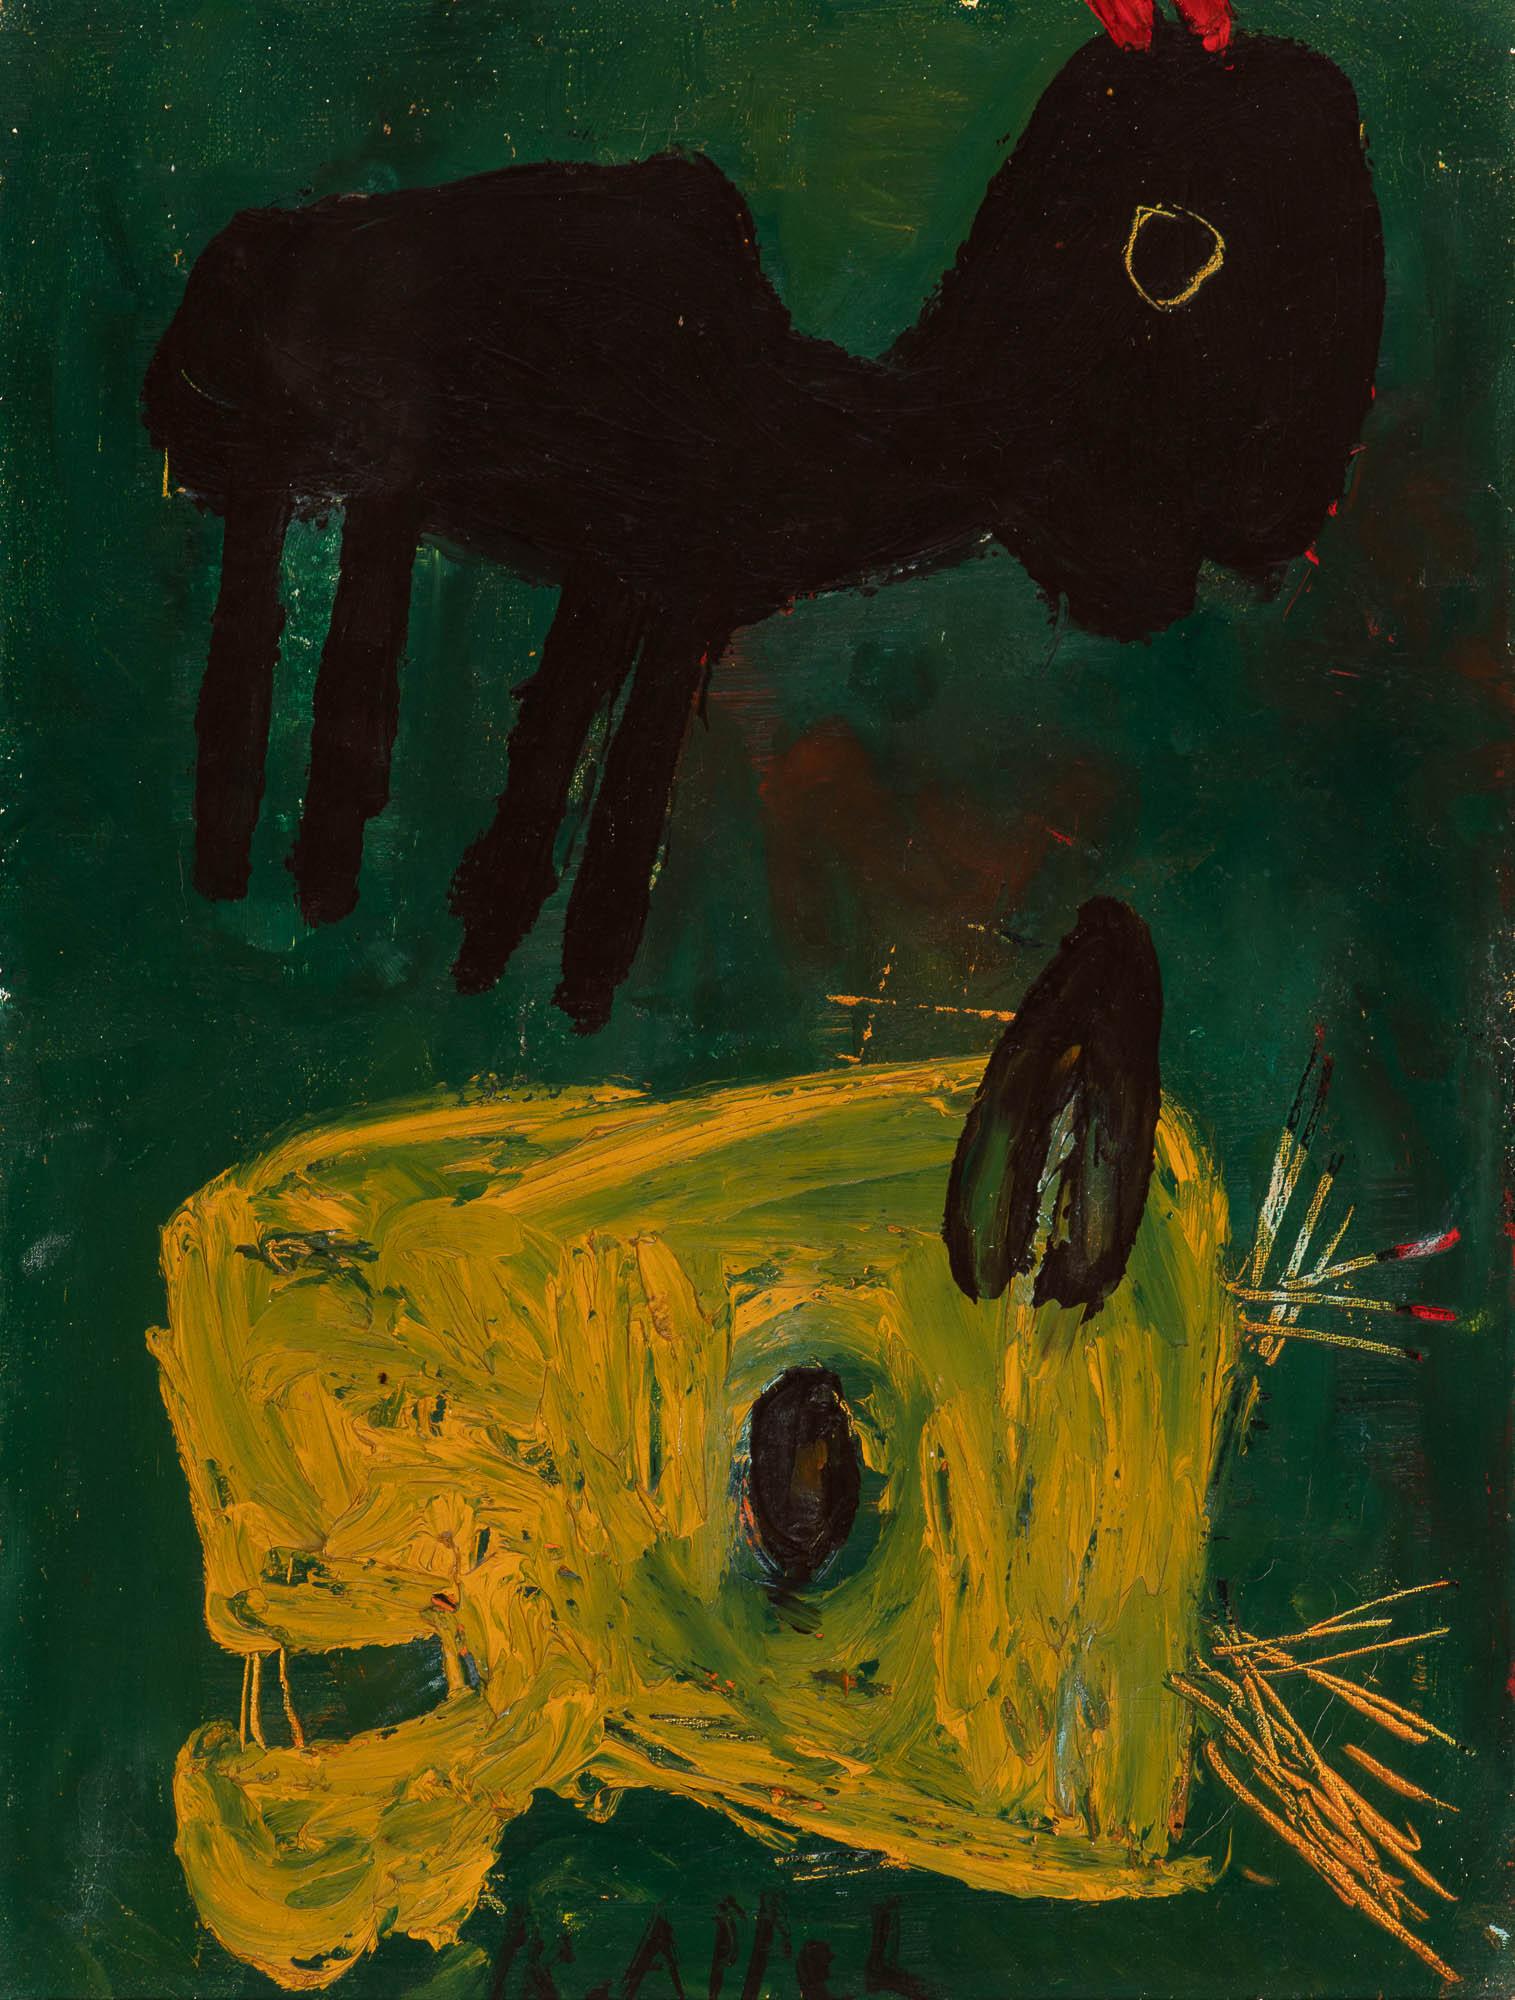 Dieren op blauwgroen fond (Animals on blue-green background) (c. 1948)